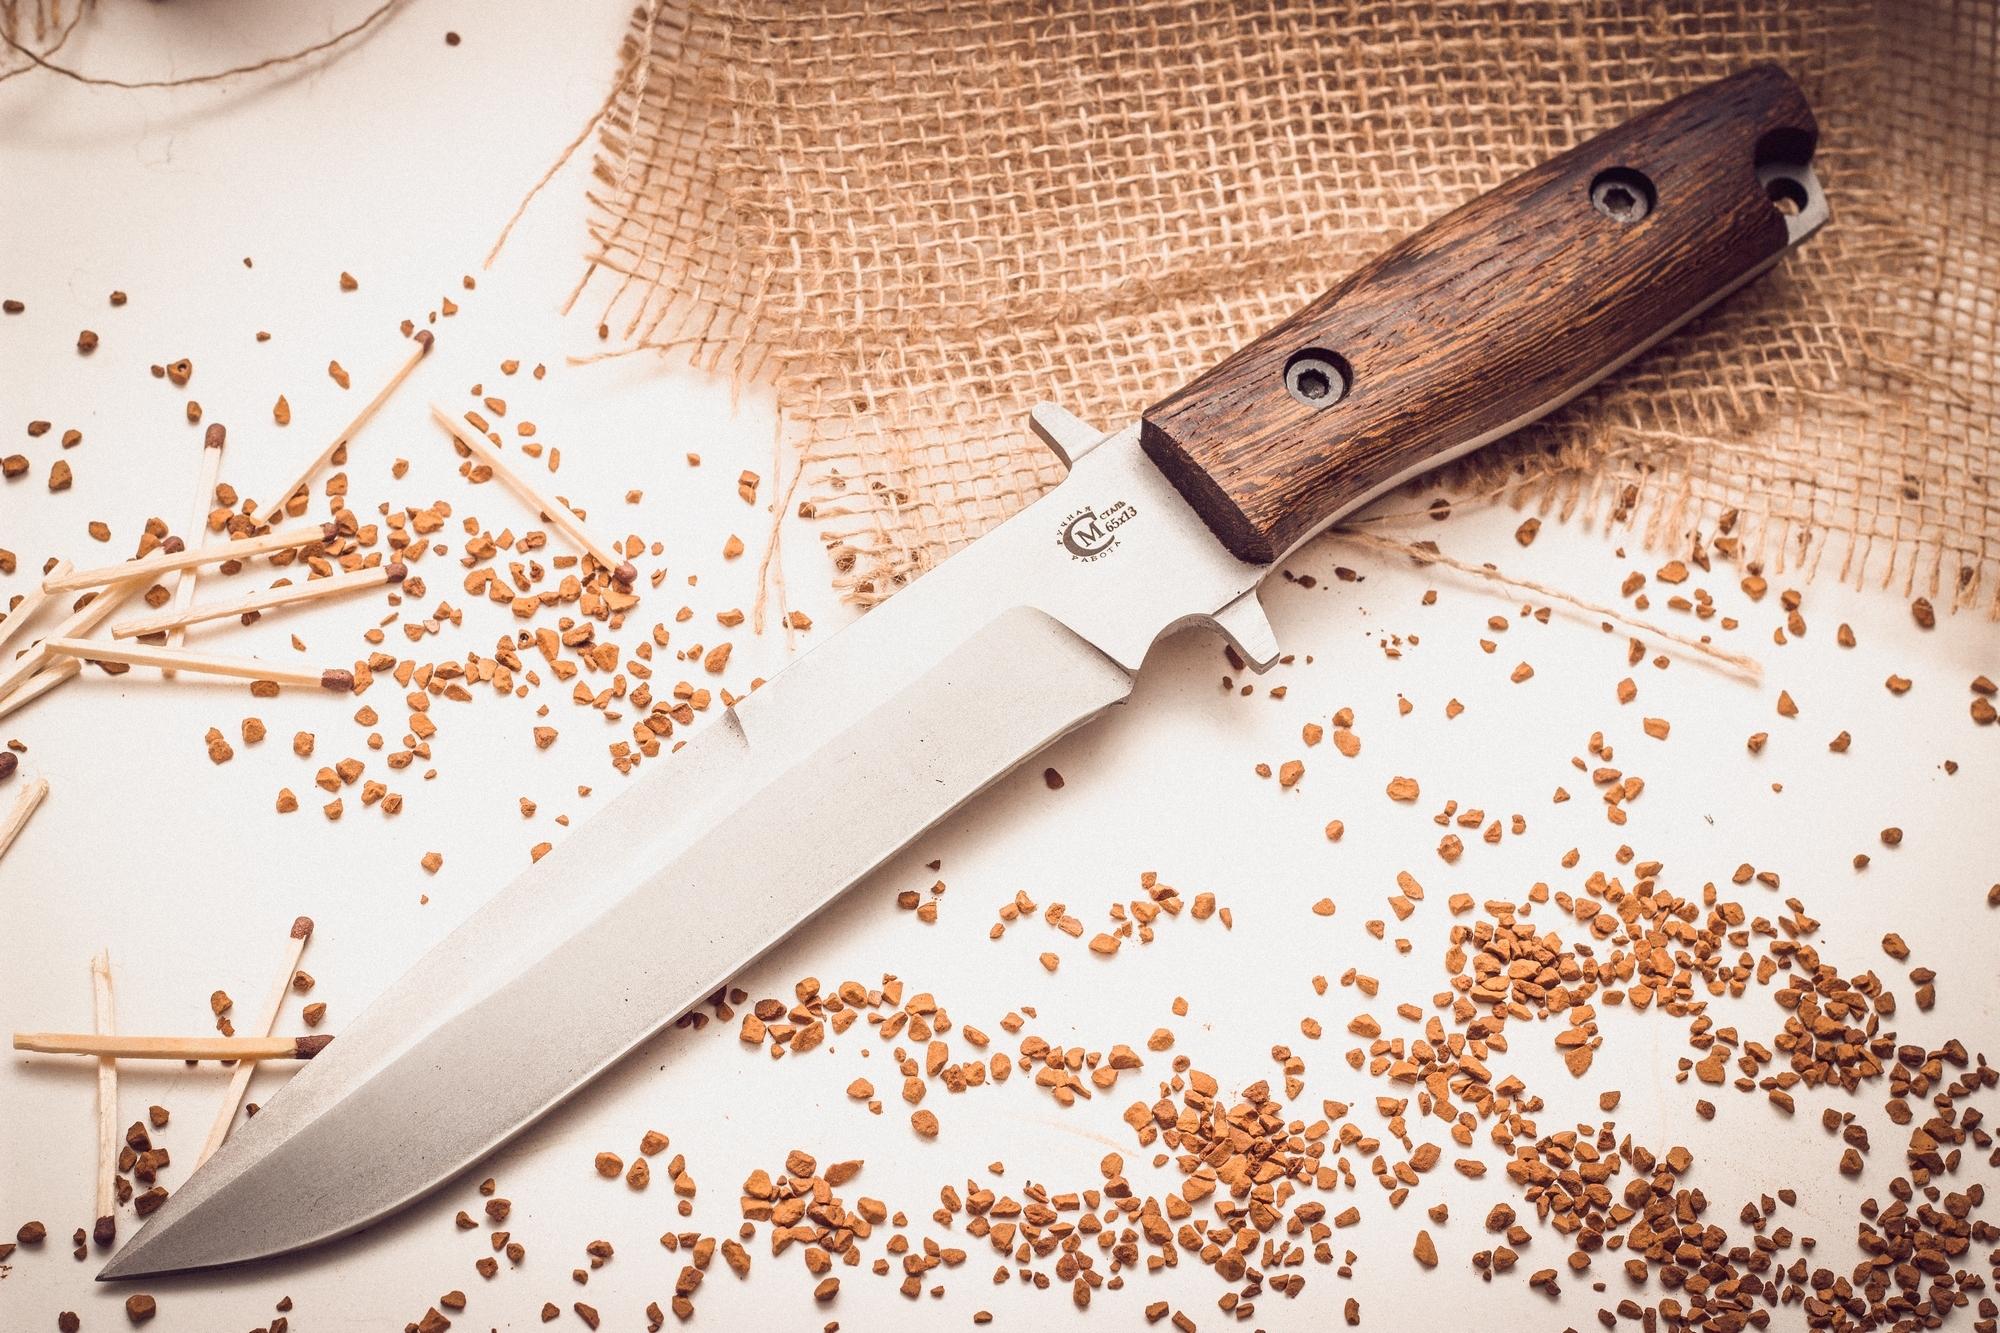 Нож Командор с отверстием для темлякаНожи Ворсма<br><br>